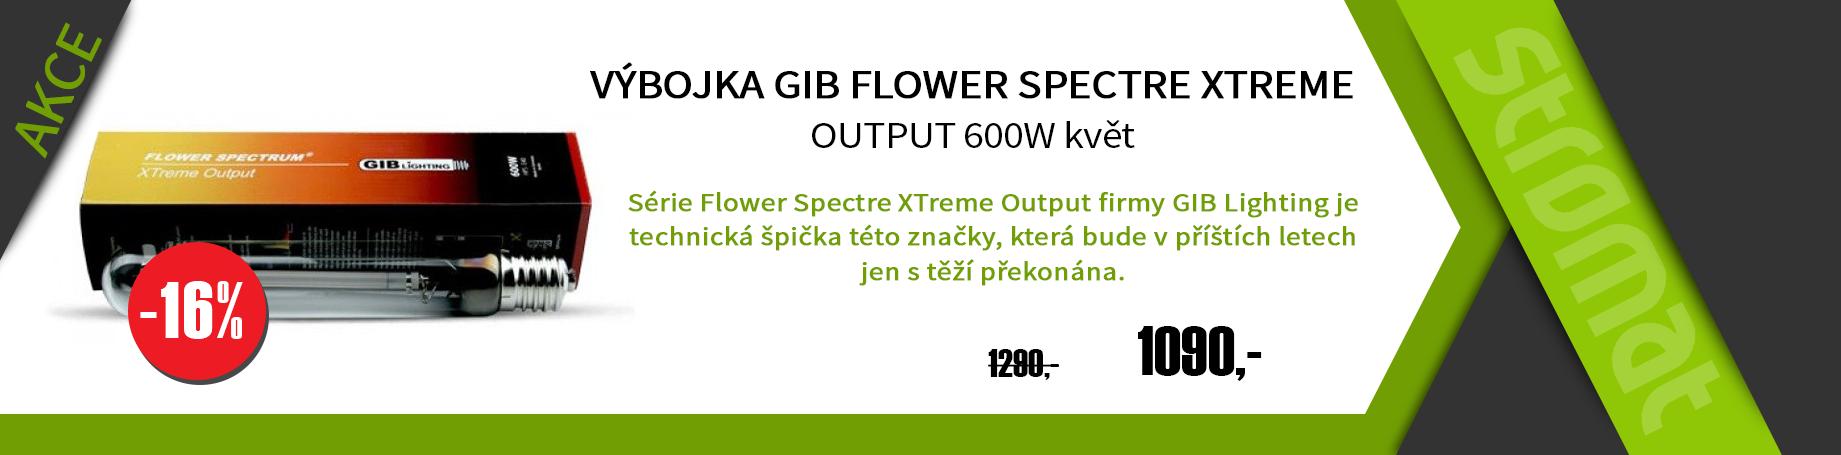 Květová výbojka Gib Flower spectre XTREME OUTPUT 600W